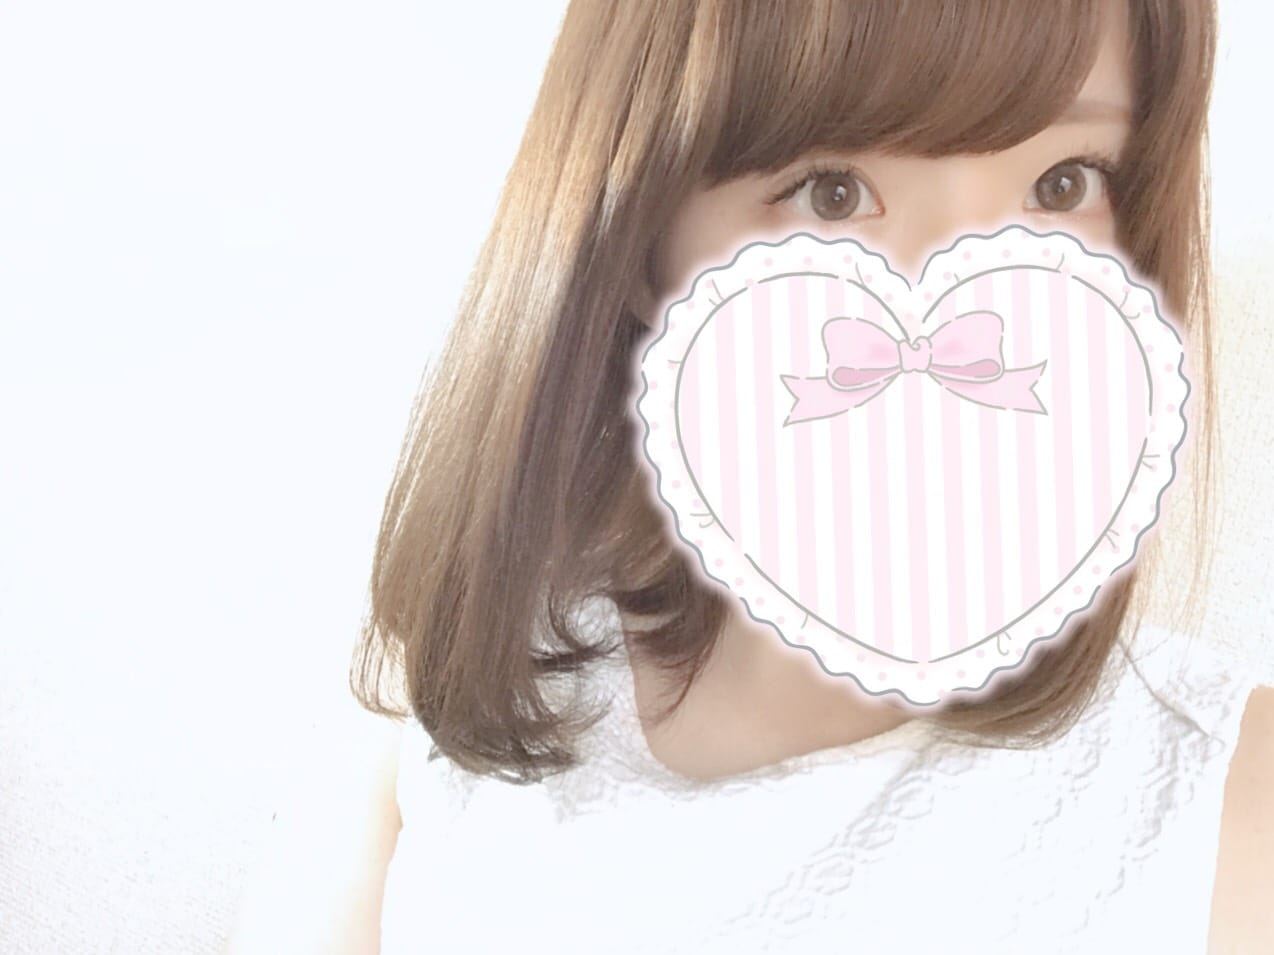 「はじめまして♪」07/16(月) 13:48 | りんかの写メ・風俗動画